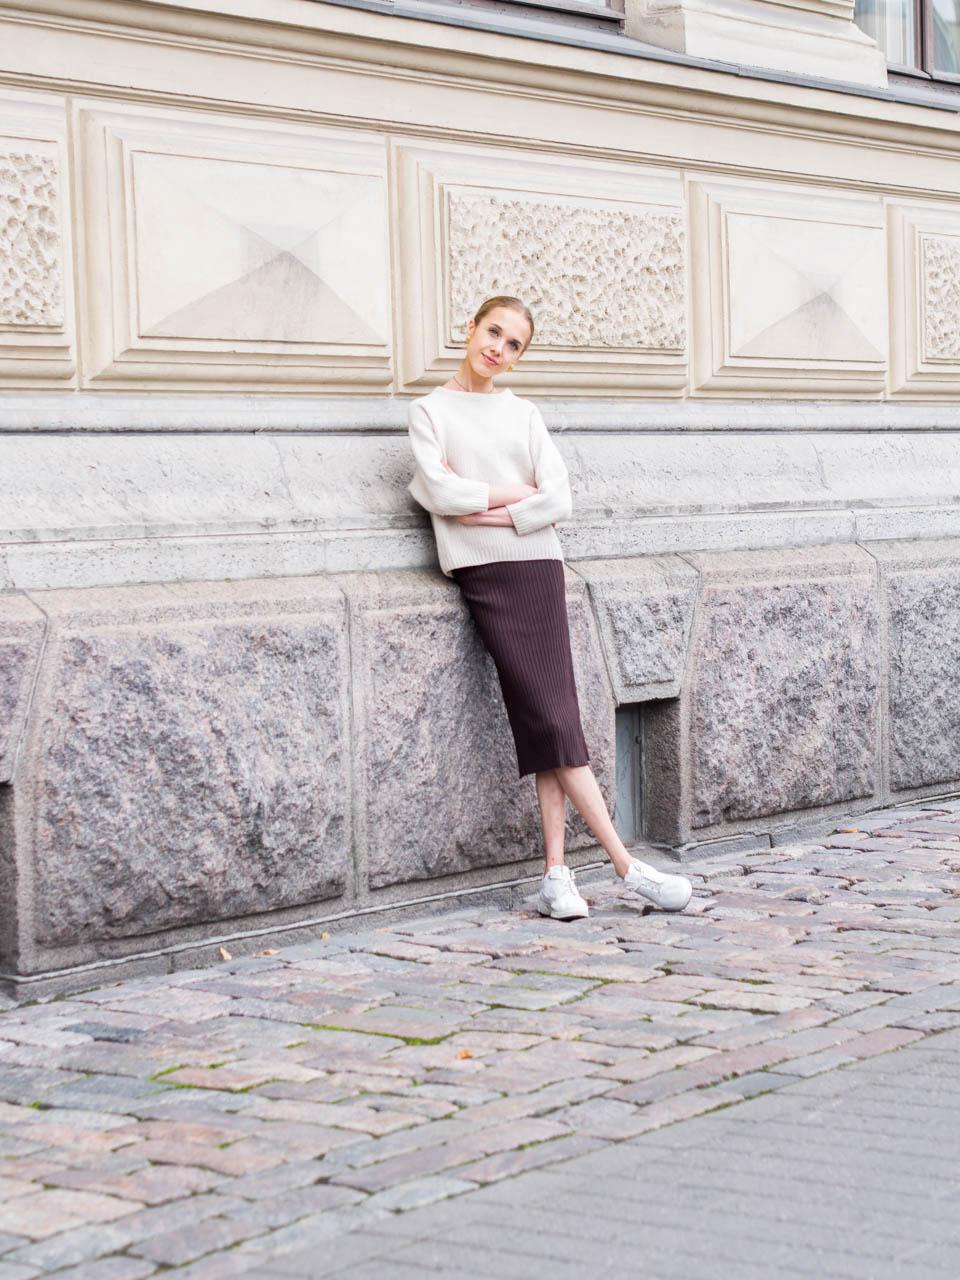 scandinavian-streetstyle-fashion-blogger-autumn-outfit-muoti-blogi-helsinki-syksy-pukeutuminen